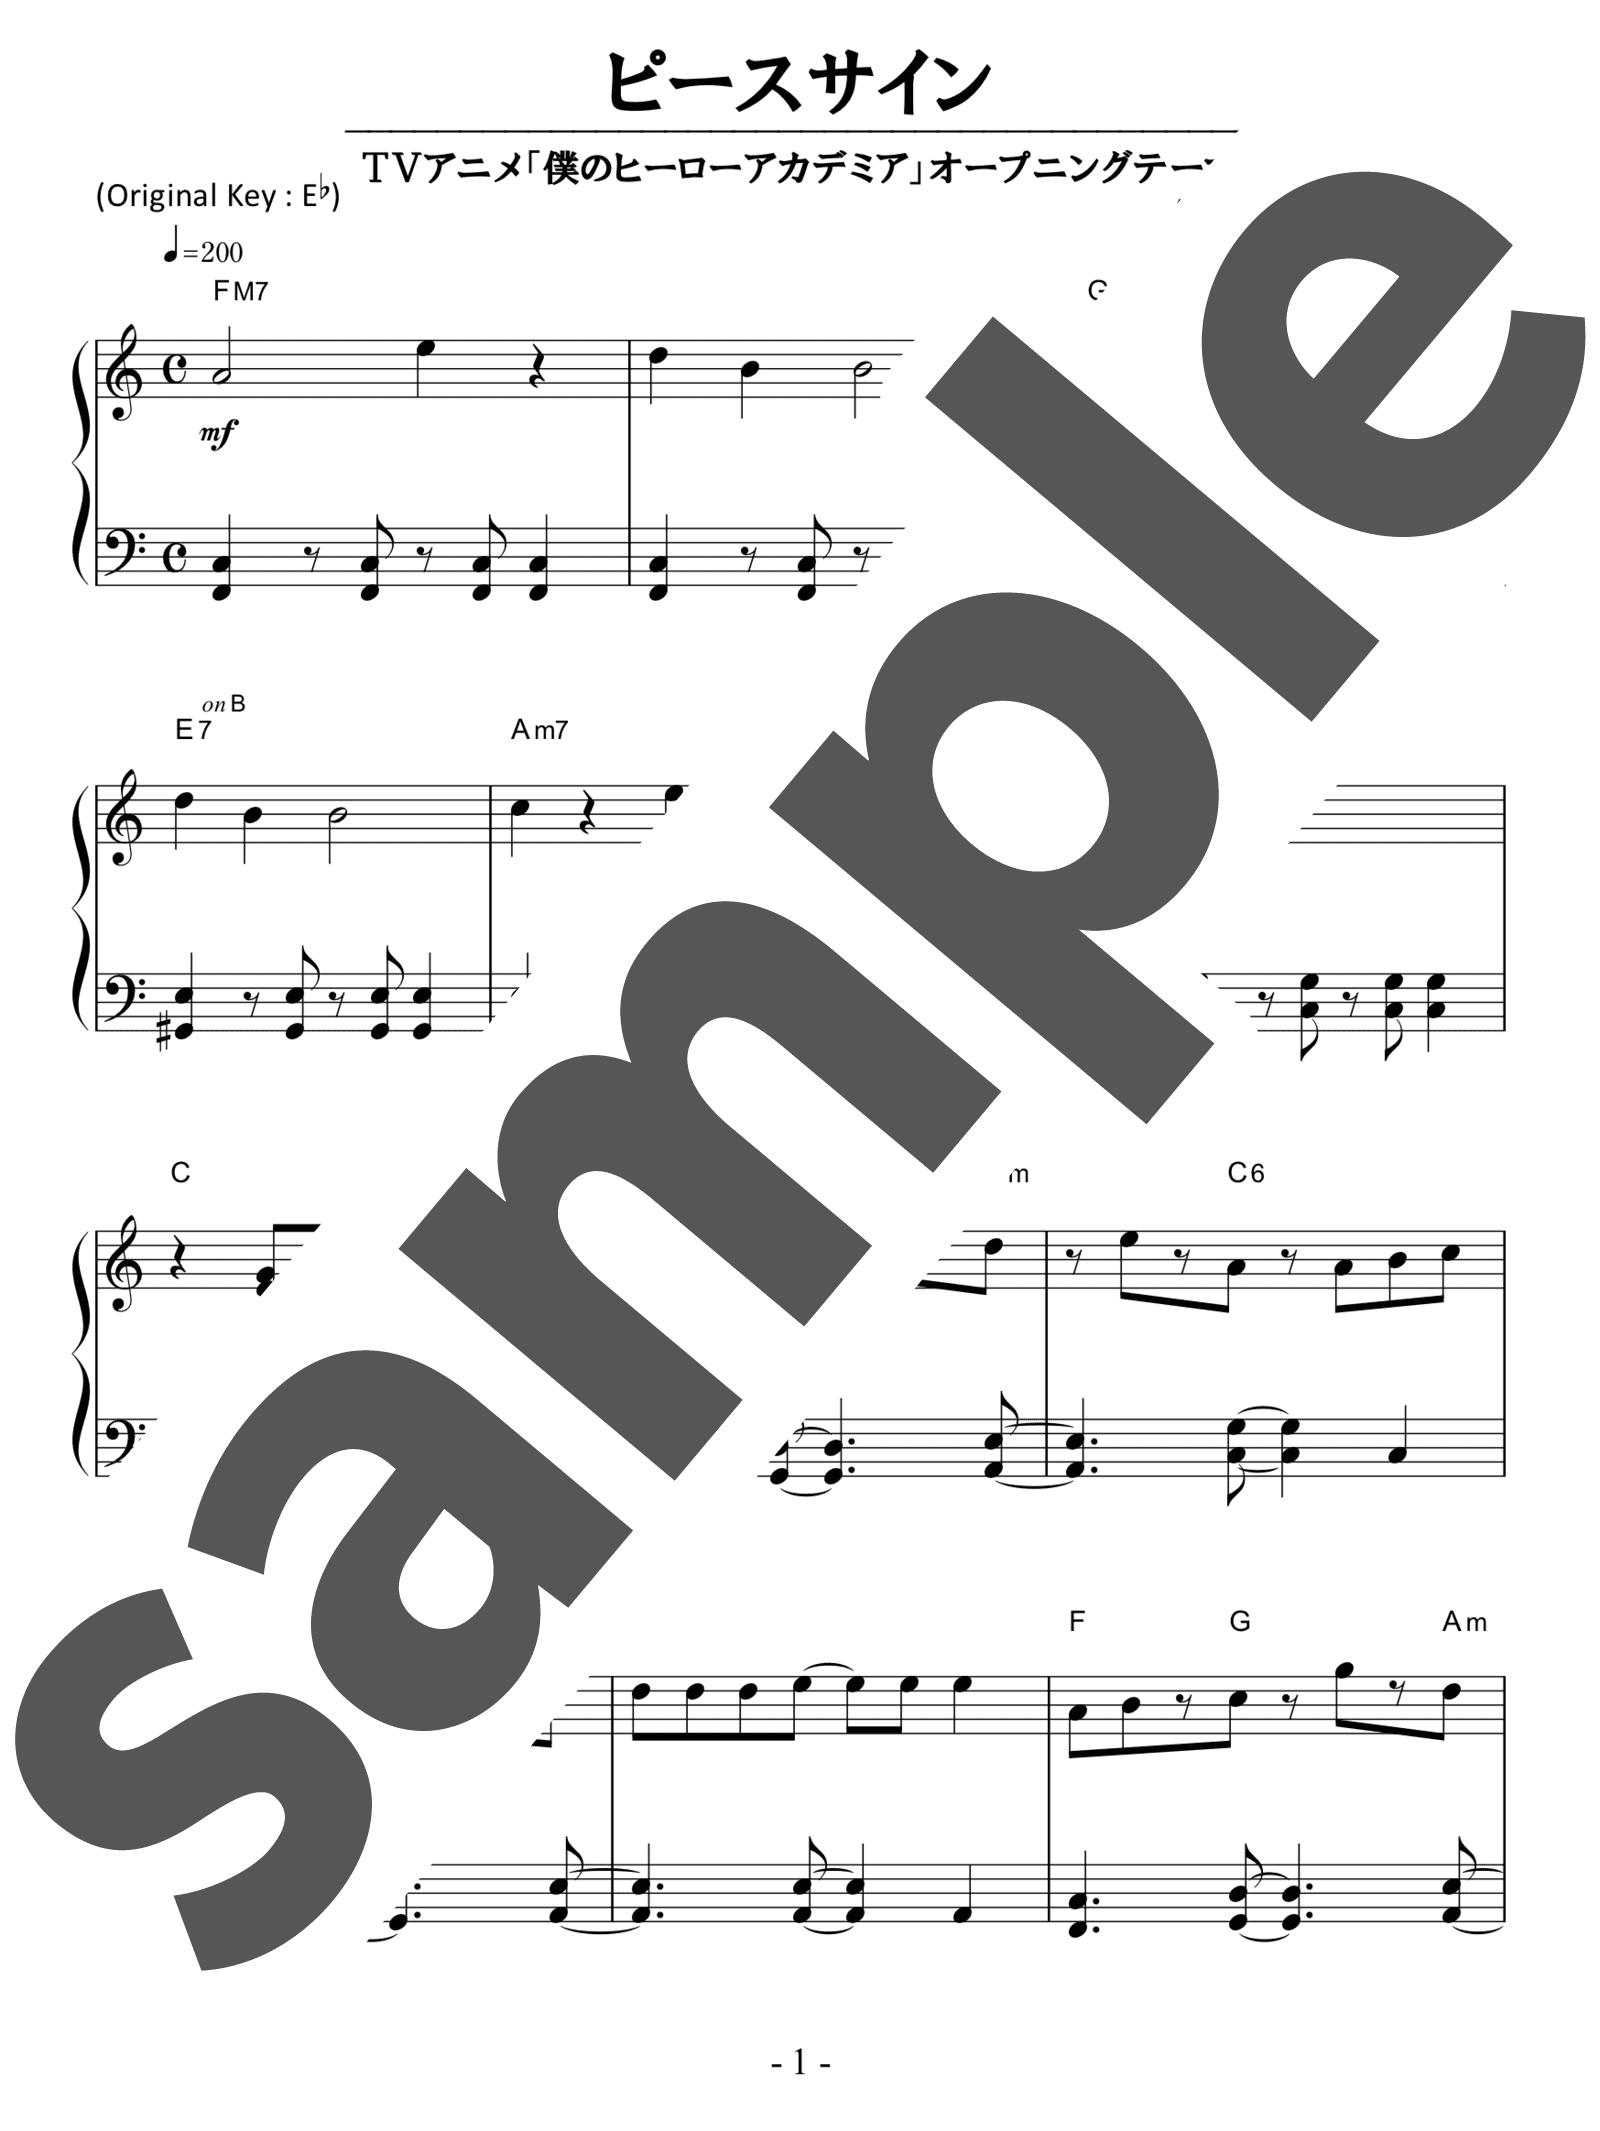 サイン 歌詞 ピース